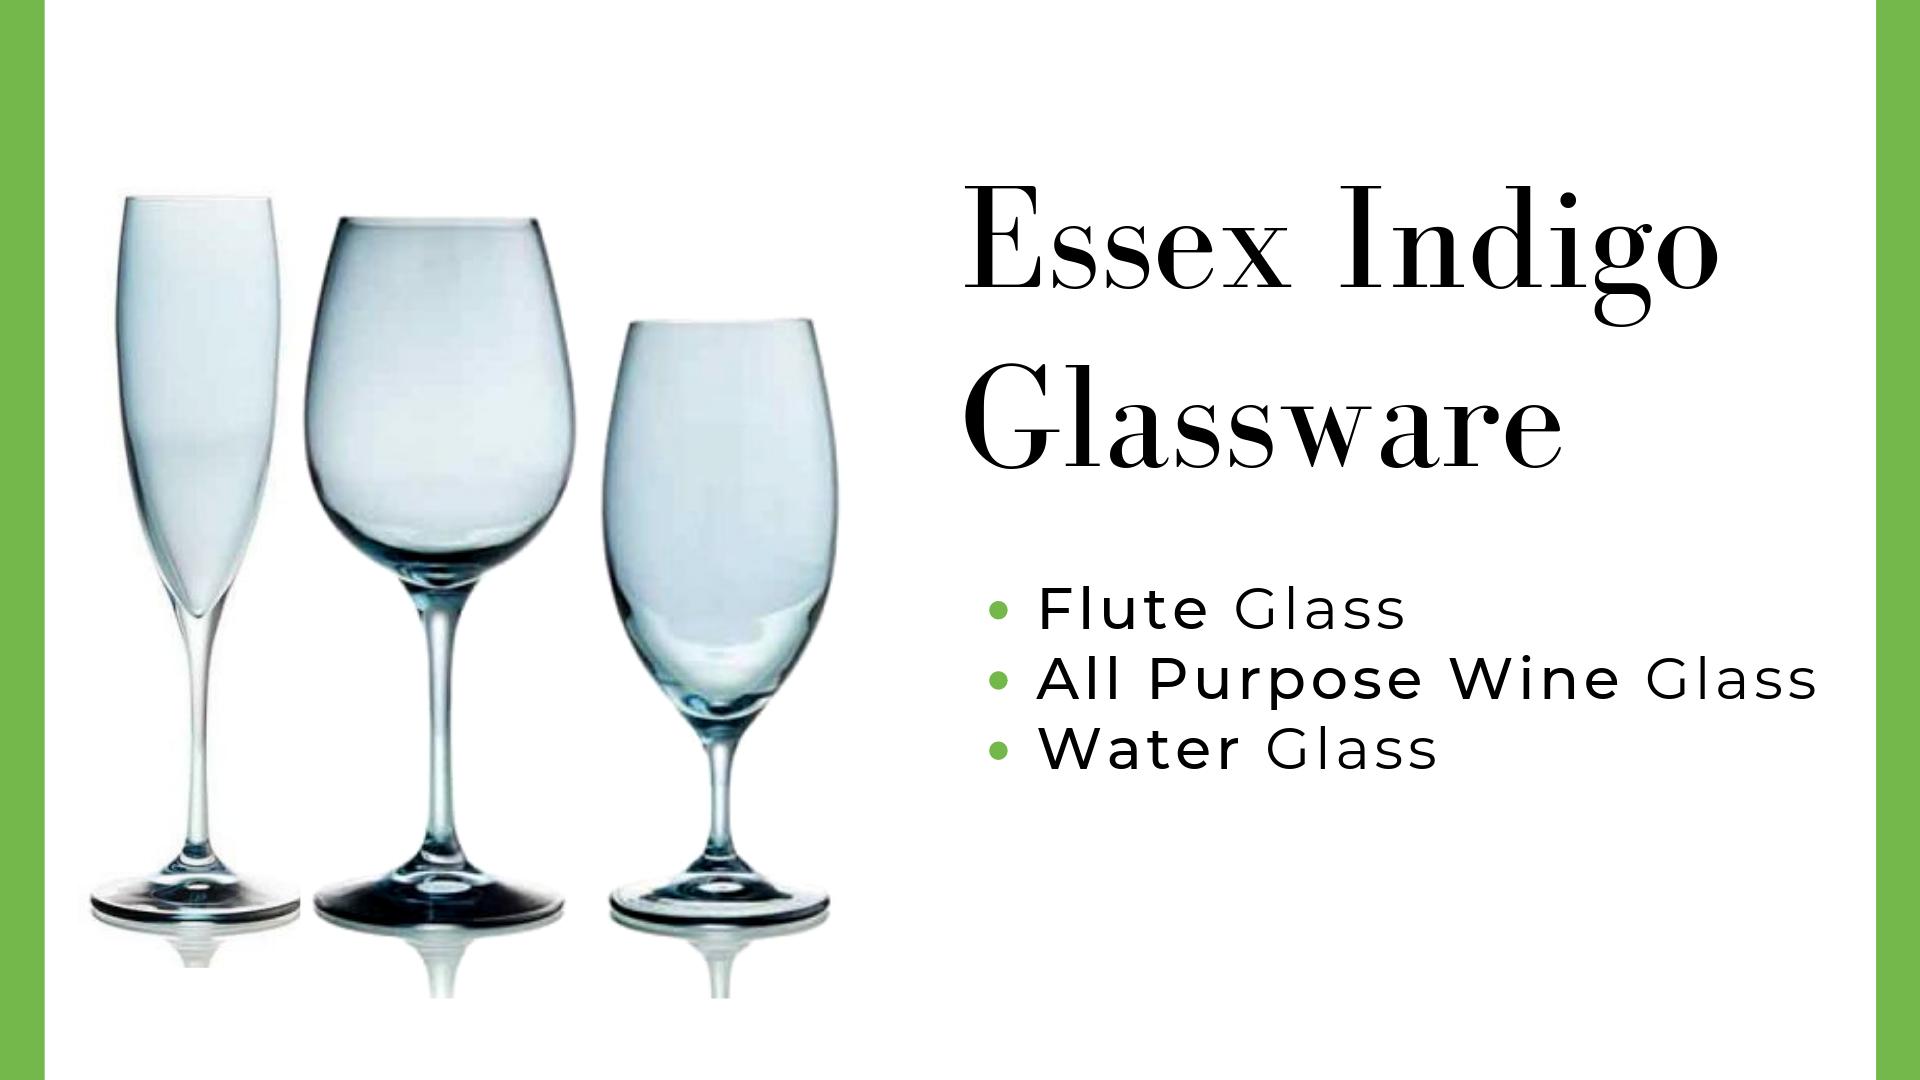 Essex Indigo Glassware